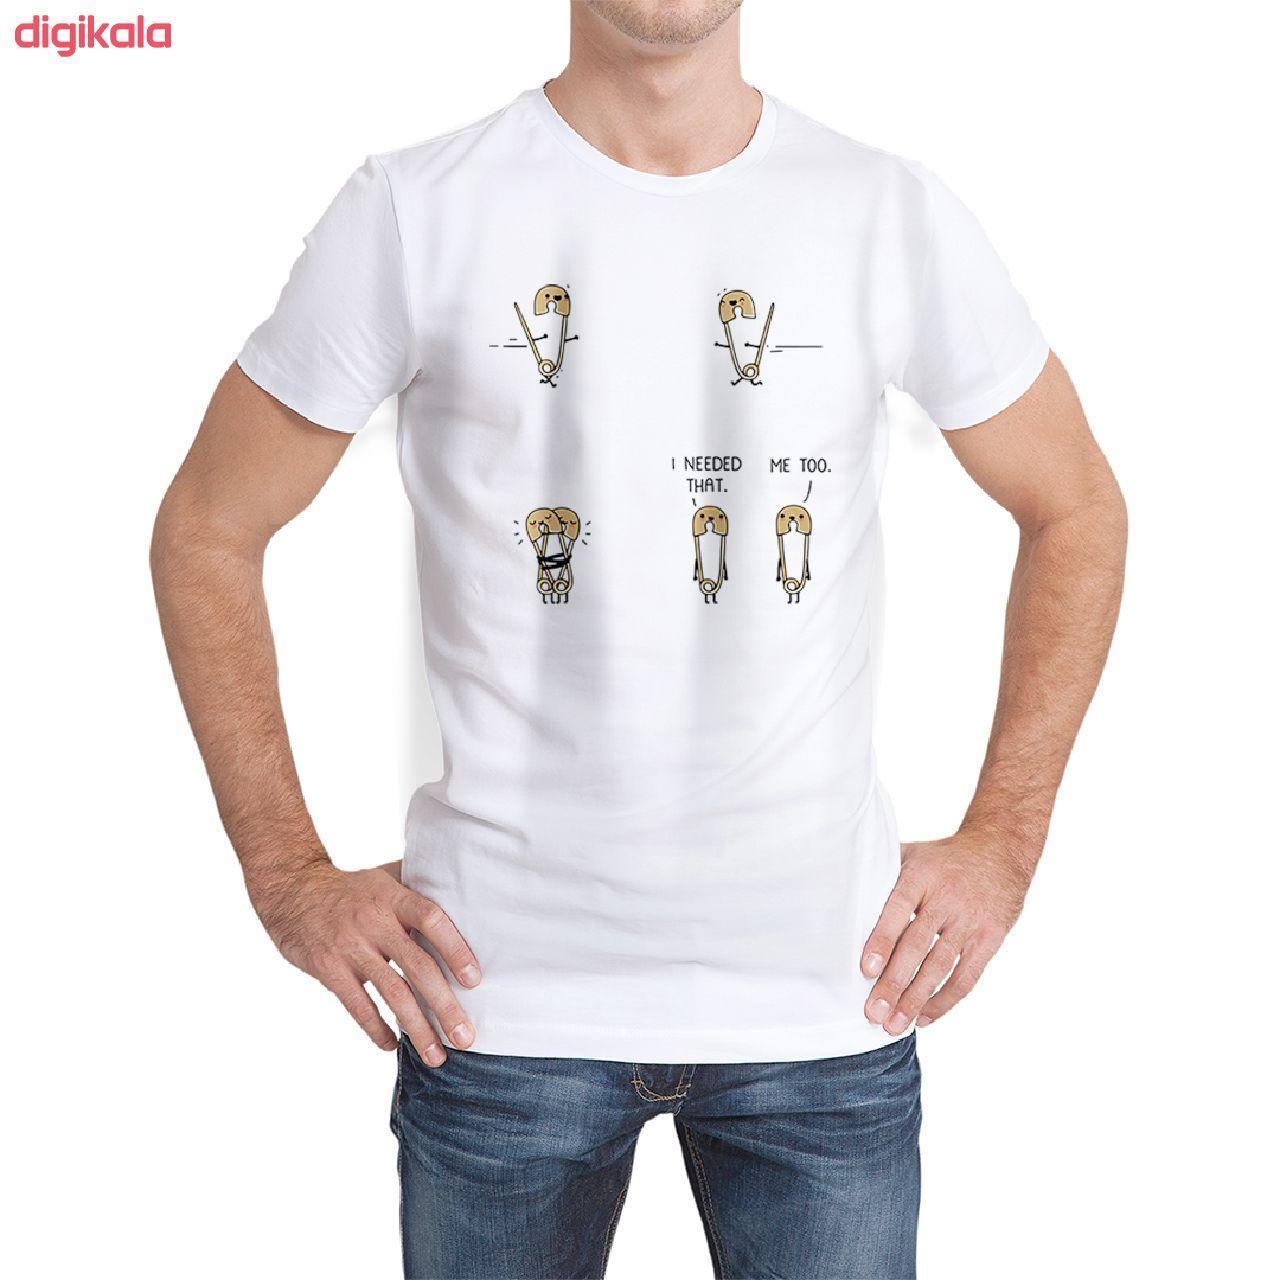 خرید اینترنتی با تخفیف ویژه تیشرت آستین کوتاه مردانه مدل 0703